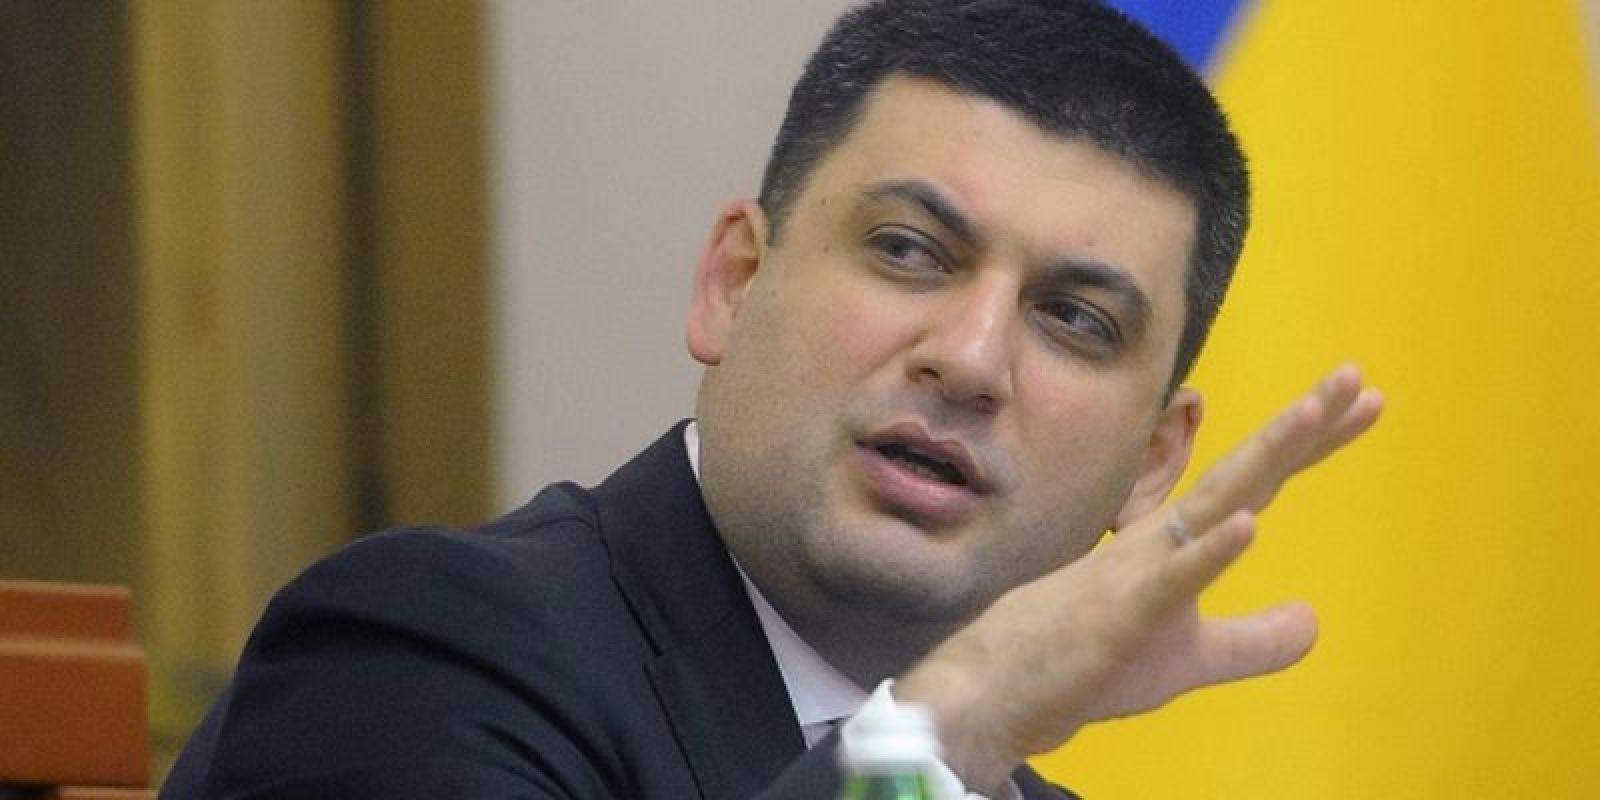 Гройсман рассказал, что сделают с миллиардами Януковича